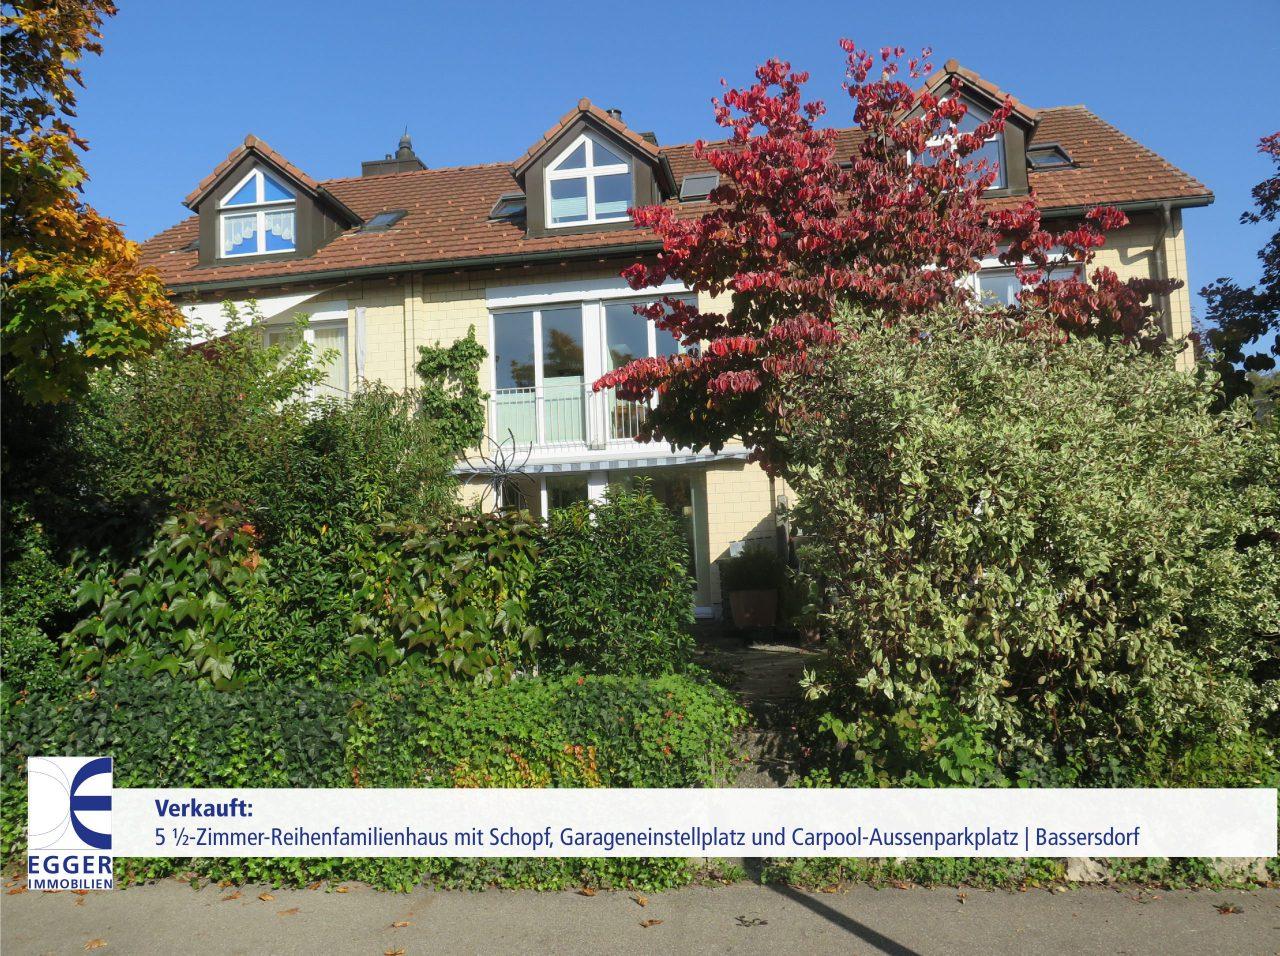 Reihenfamilienhaus mit Schopf, Tiefgarageneinstellplatz und Aussenparkplatz in Bassersdorf